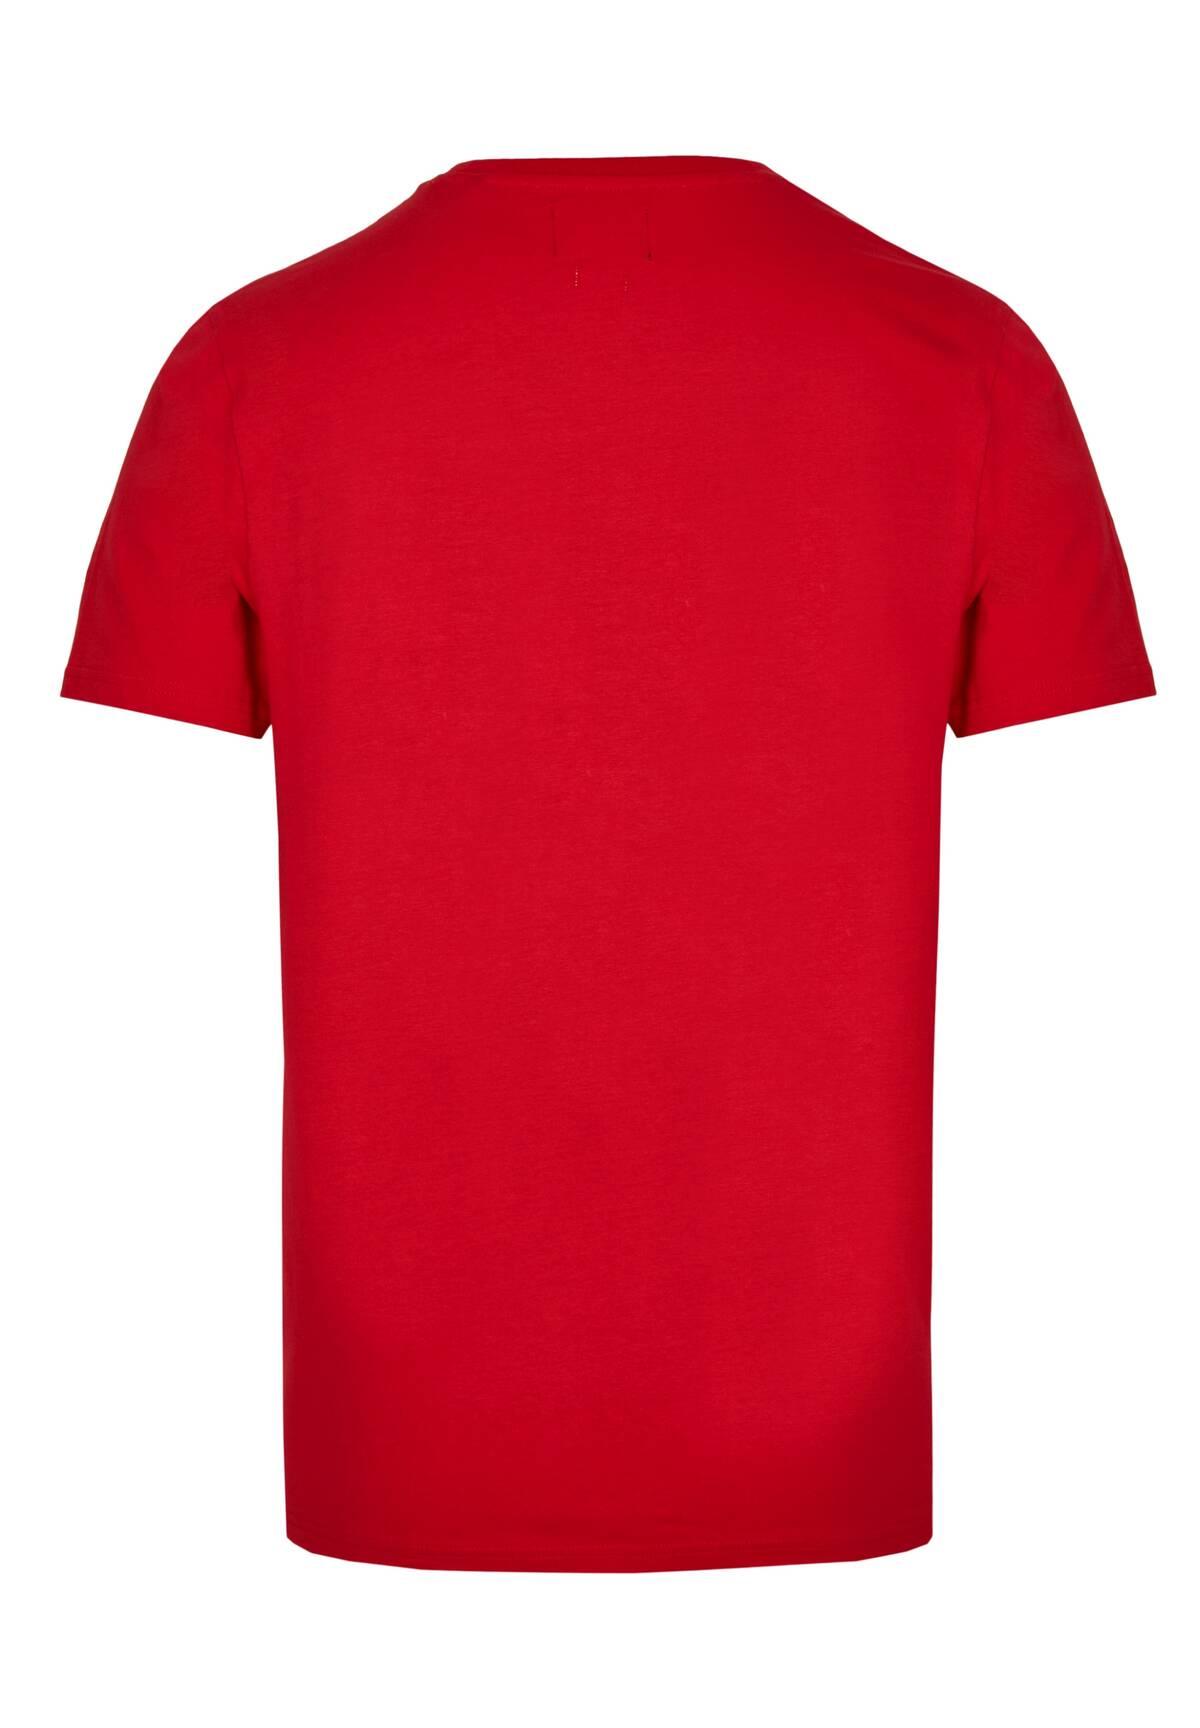 T-shirt HECHTER /